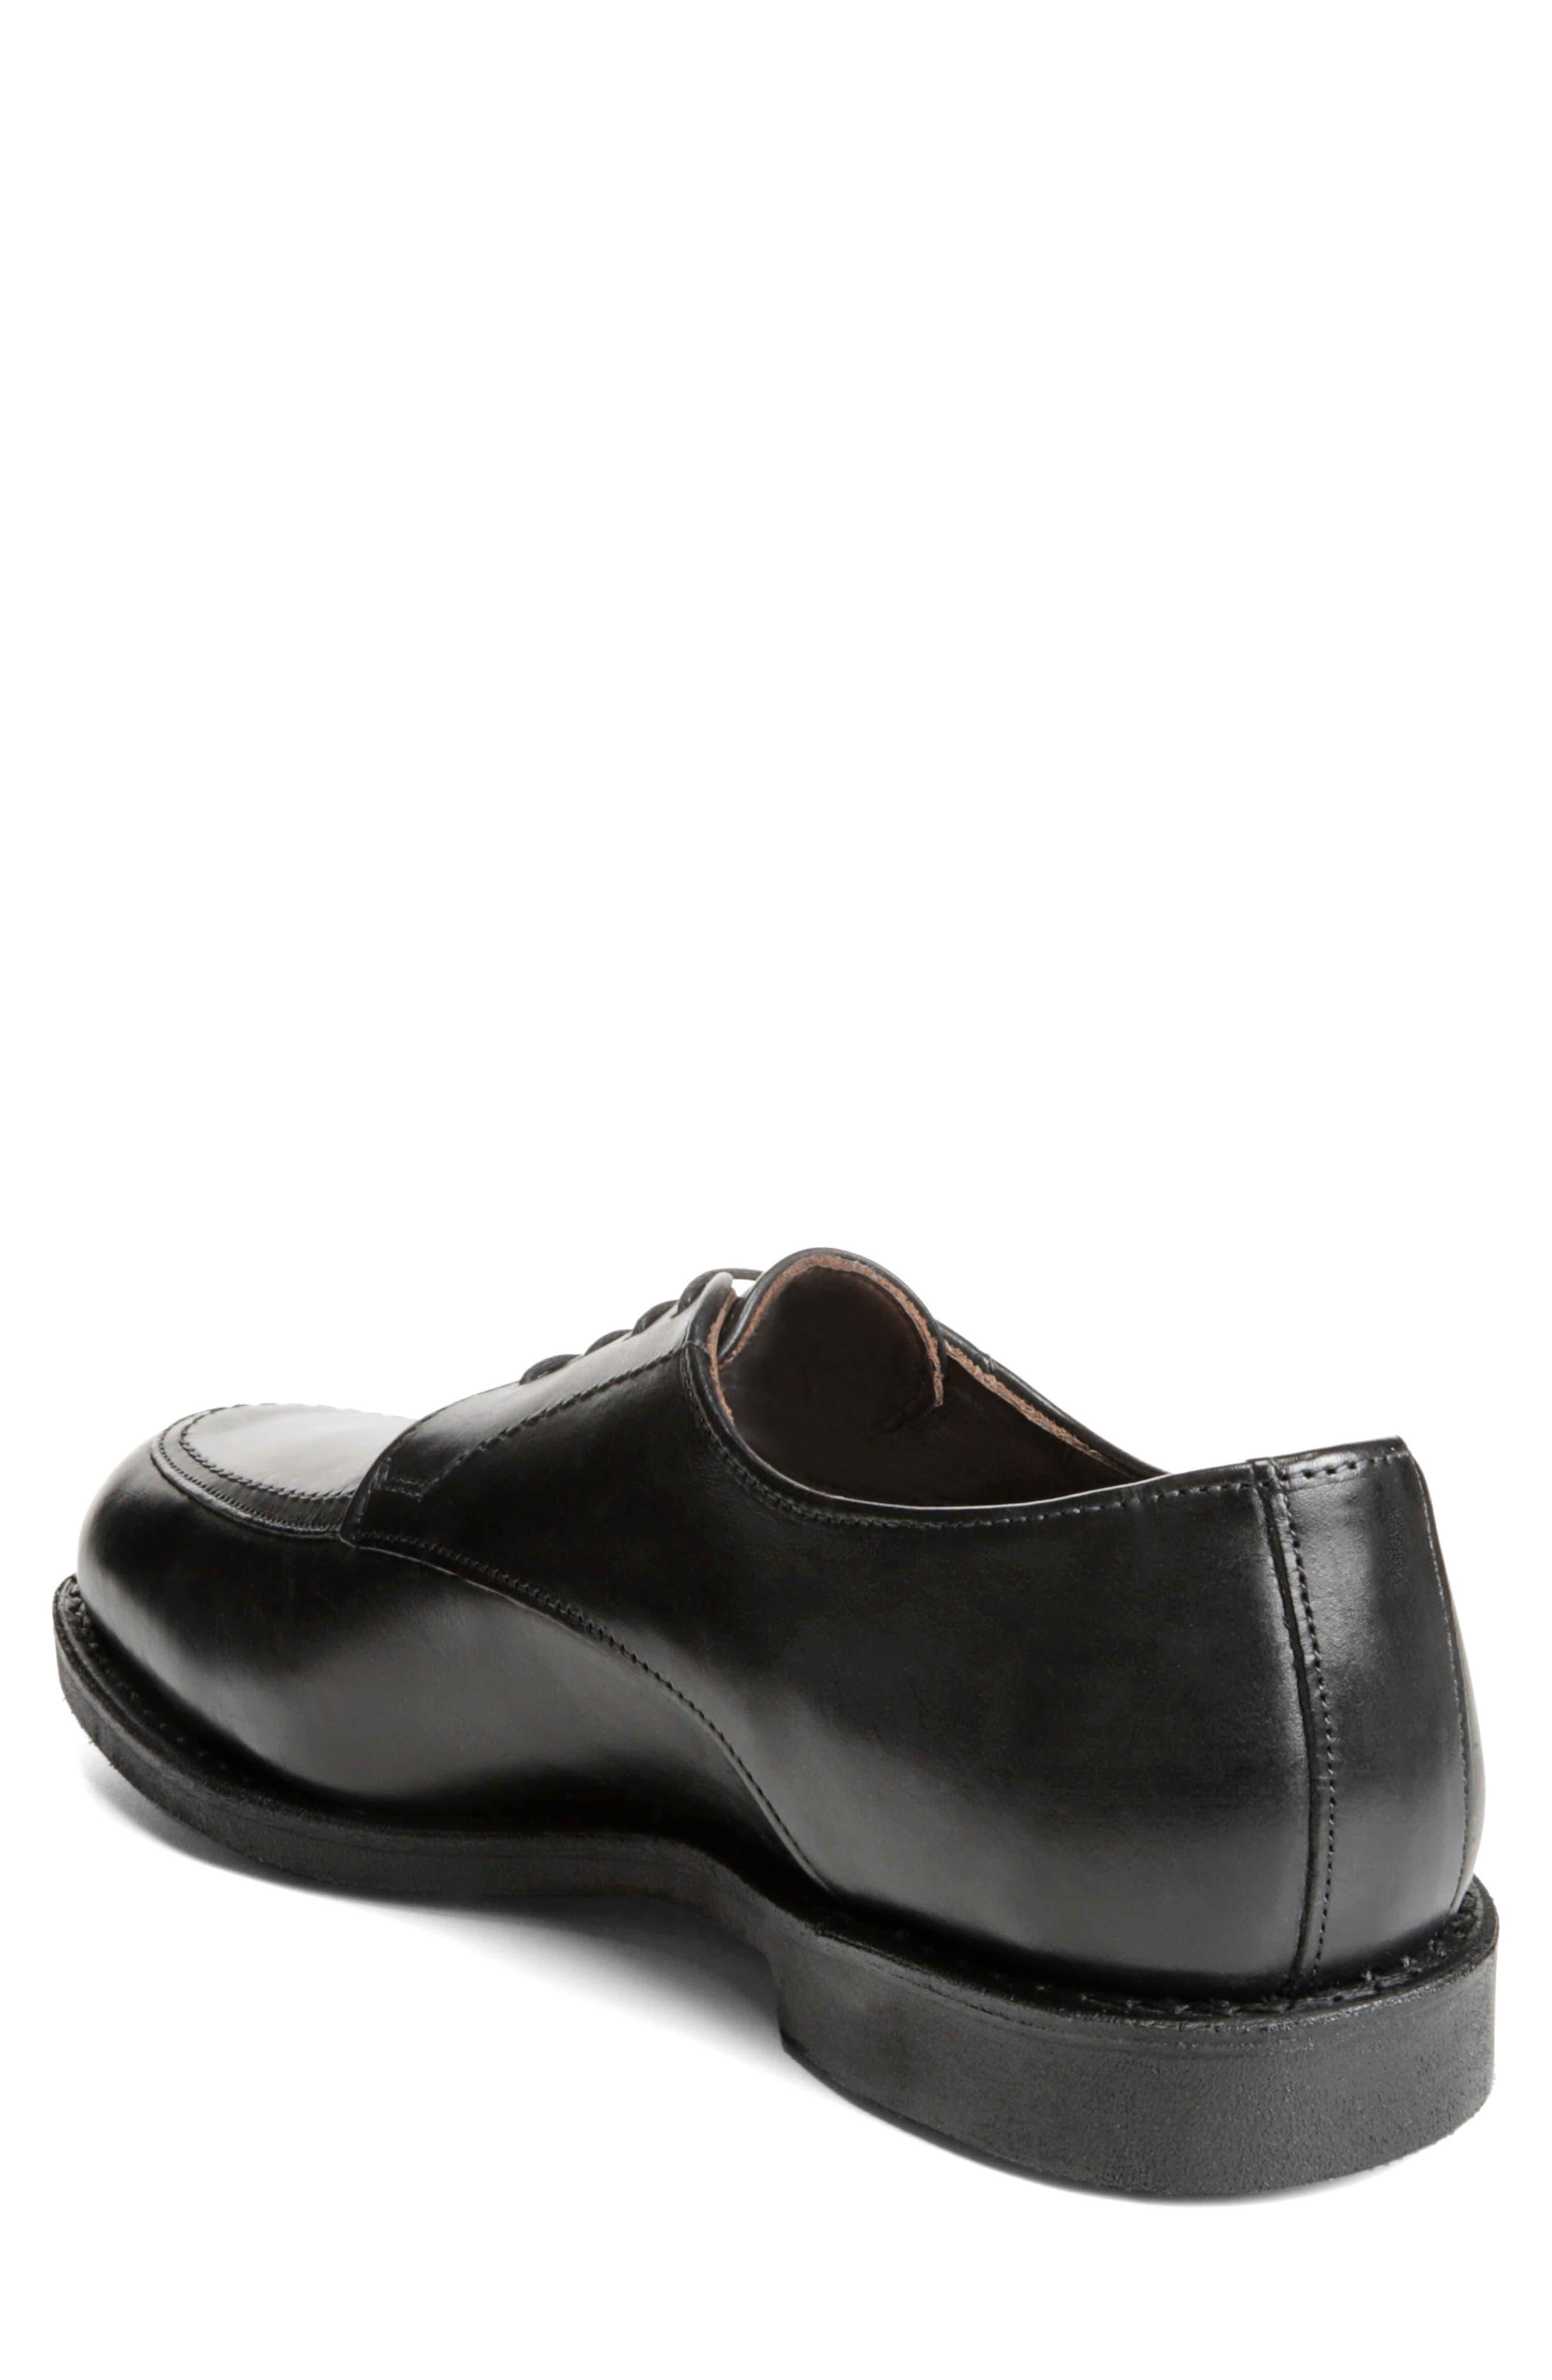 ALLEN EDMONDS,                             MSP Split Toe Derby,                             Alternate thumbnail 2, color,                             BLACK LEATHER